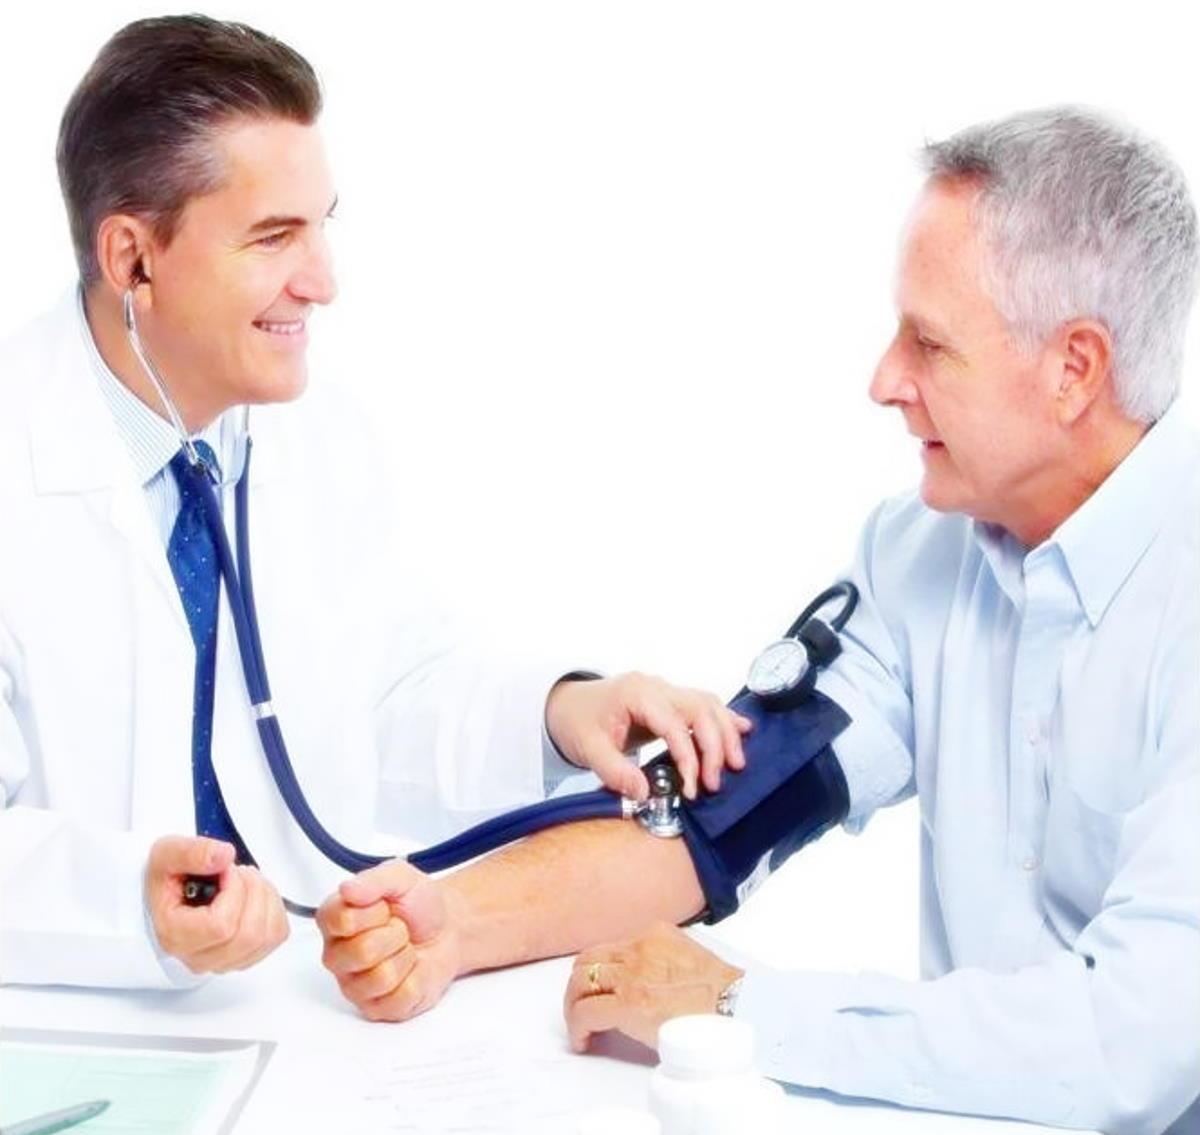 Tre sindacati dei medici scrivono a Speranza per avere chiarimenti sul nuovo Accordo Collettivo e sul PNRR